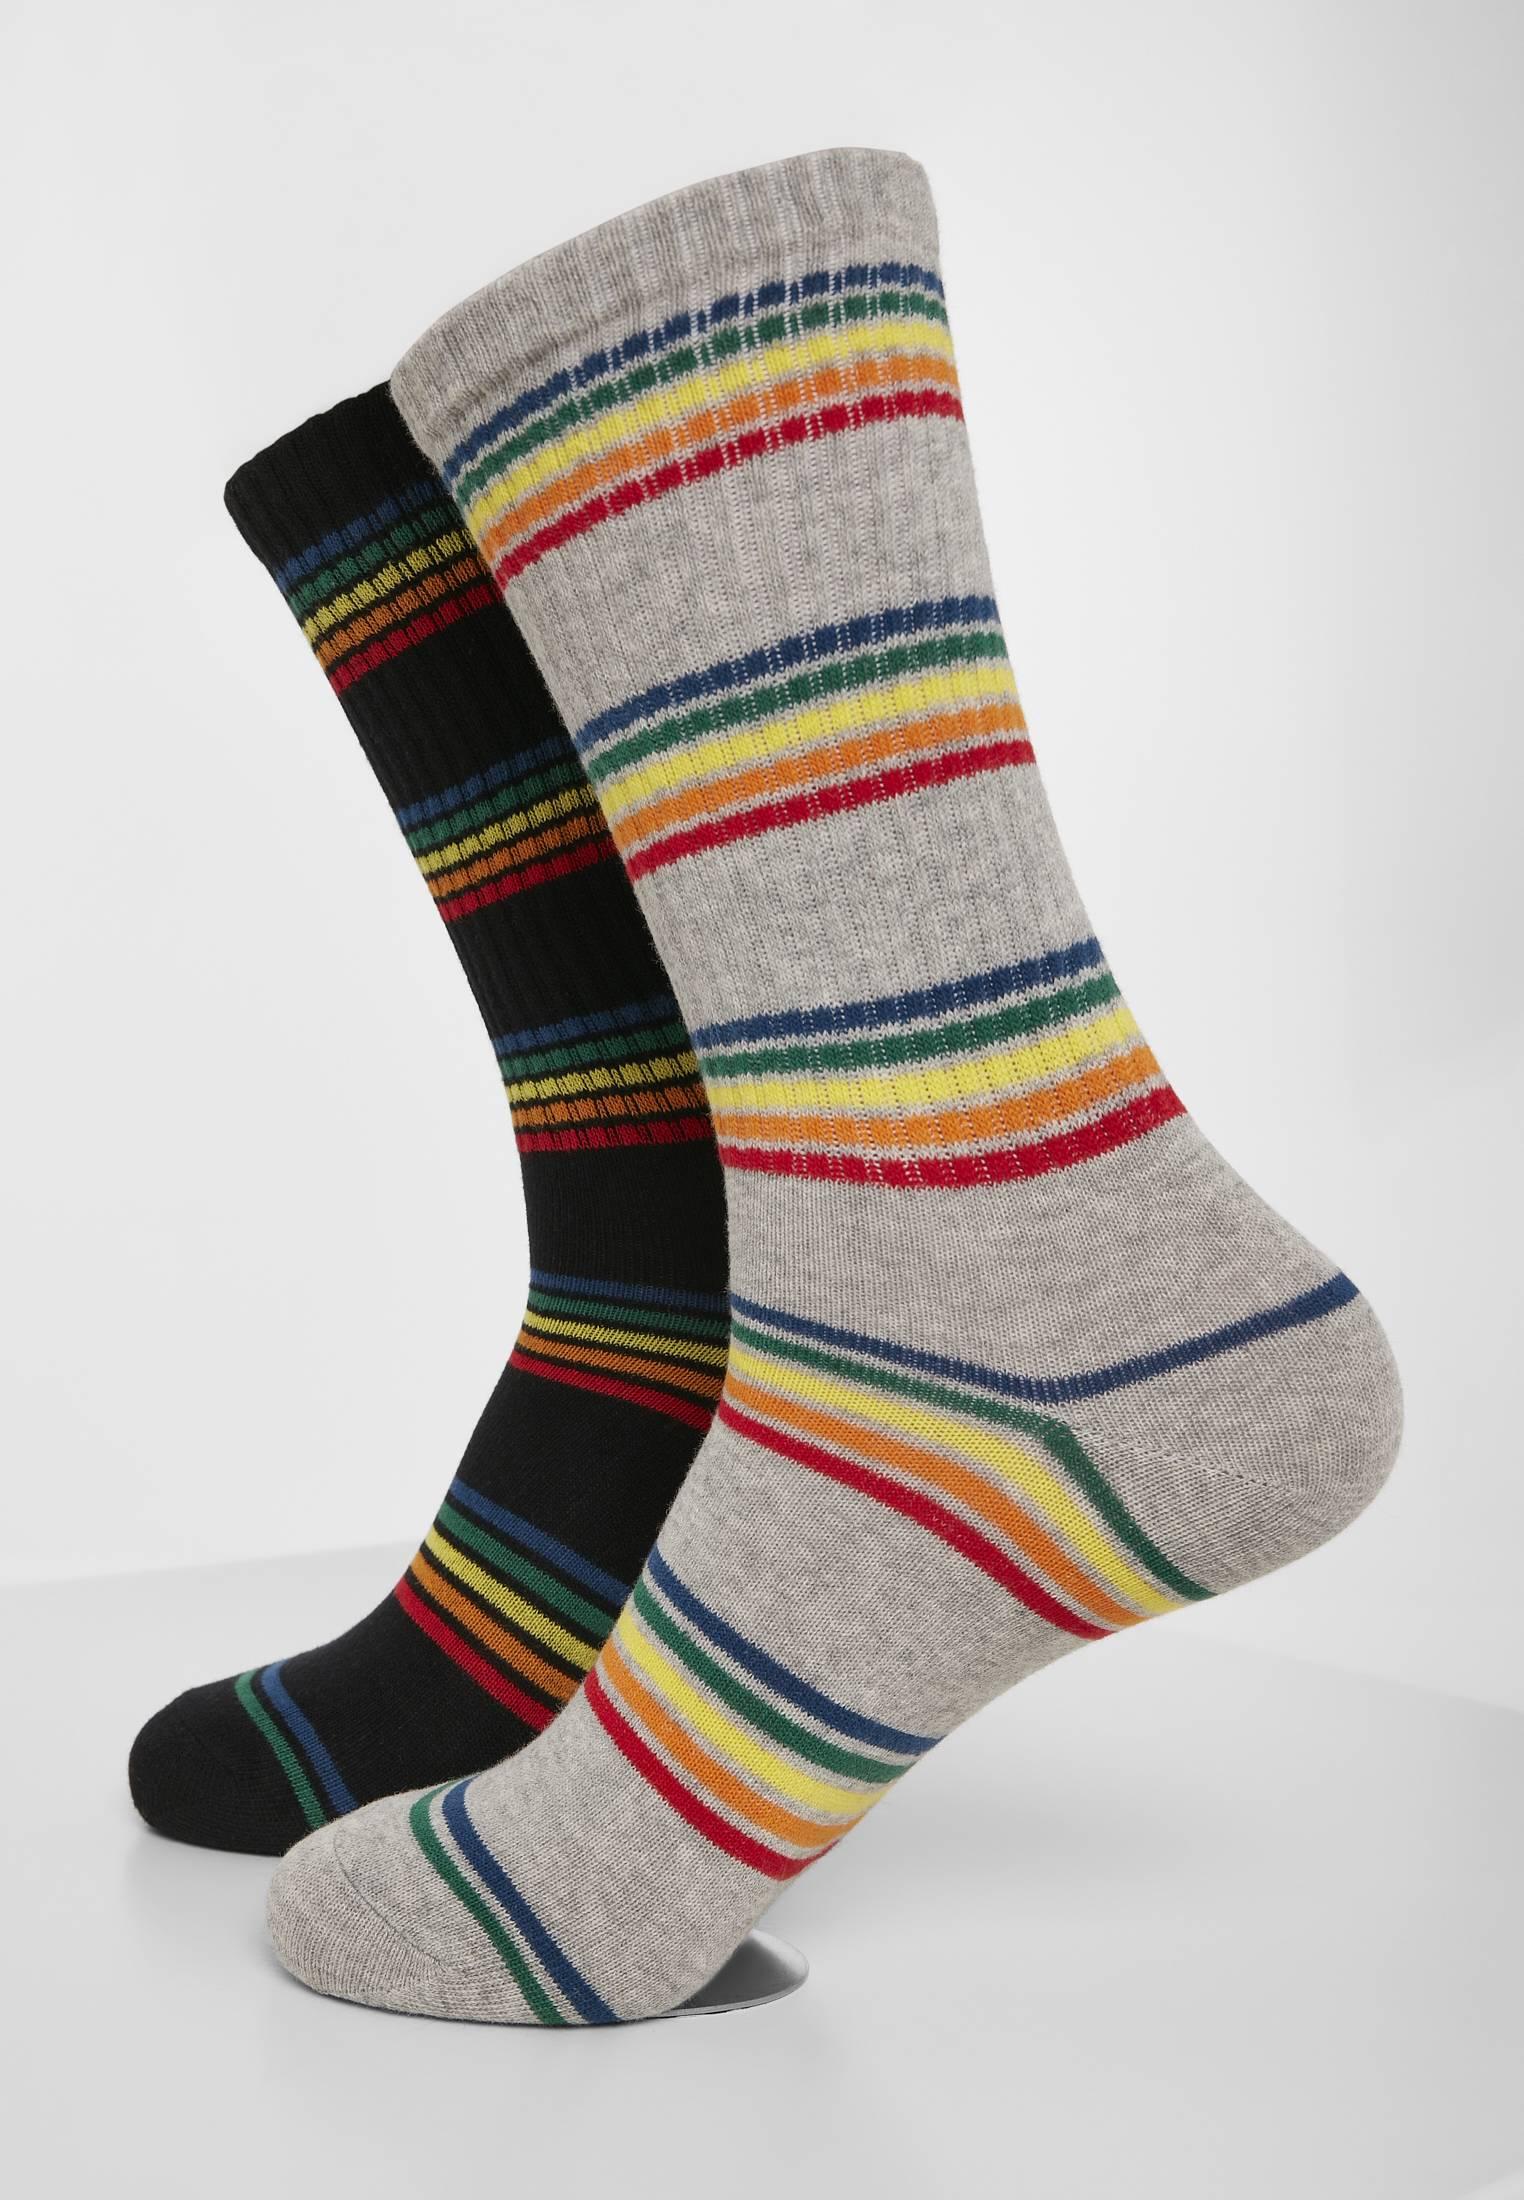 Urban Classics Rainbow Stripes Socks 2-Pack black/grey - 47-50